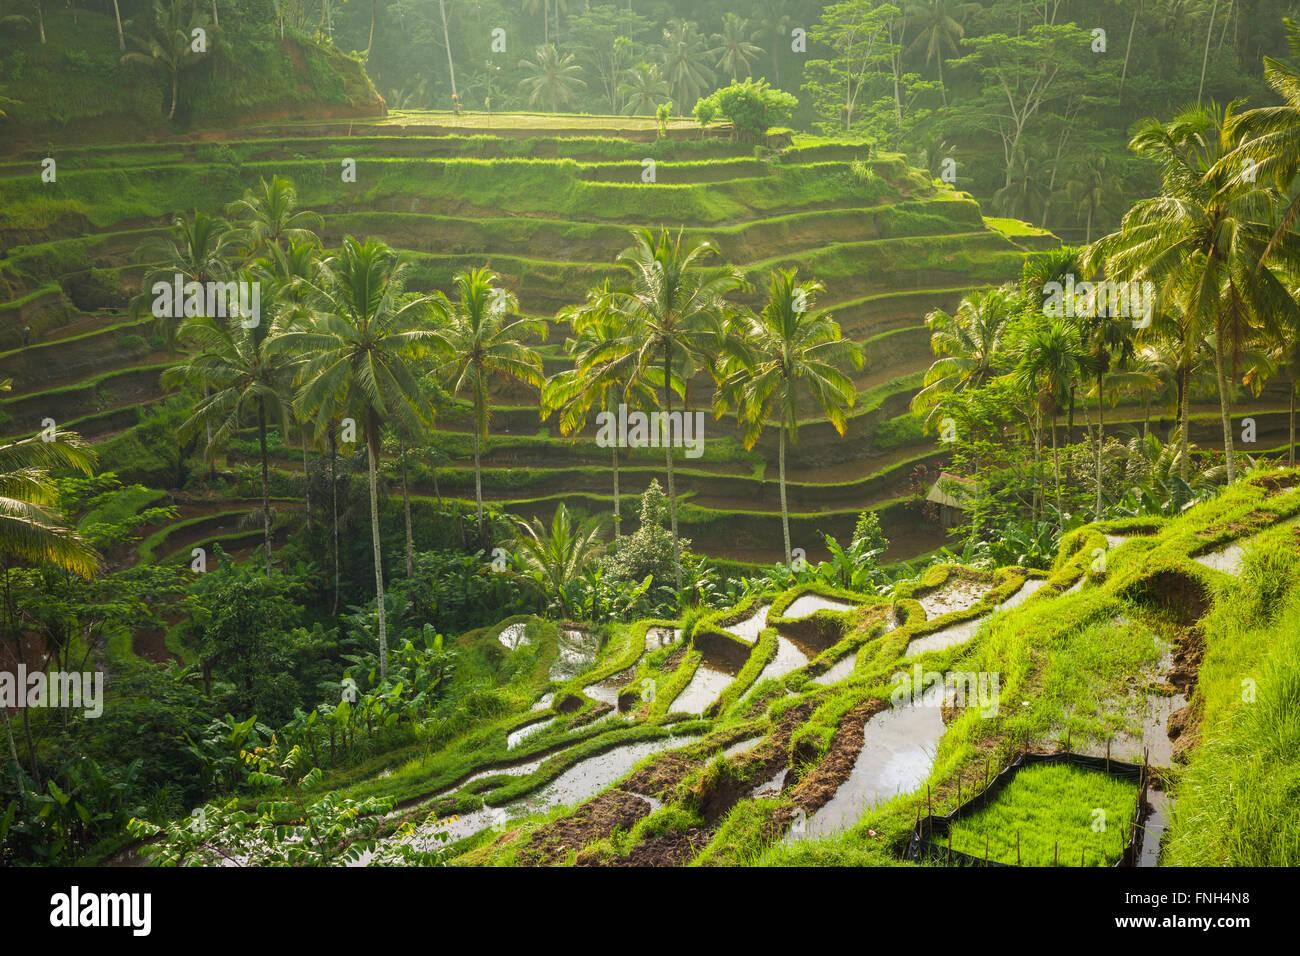 Hermosas terrazas de arroz en las mañanas la luz cerca de Tegallalang village, Ubud, Bali, Indonesia. Imagen De Stock